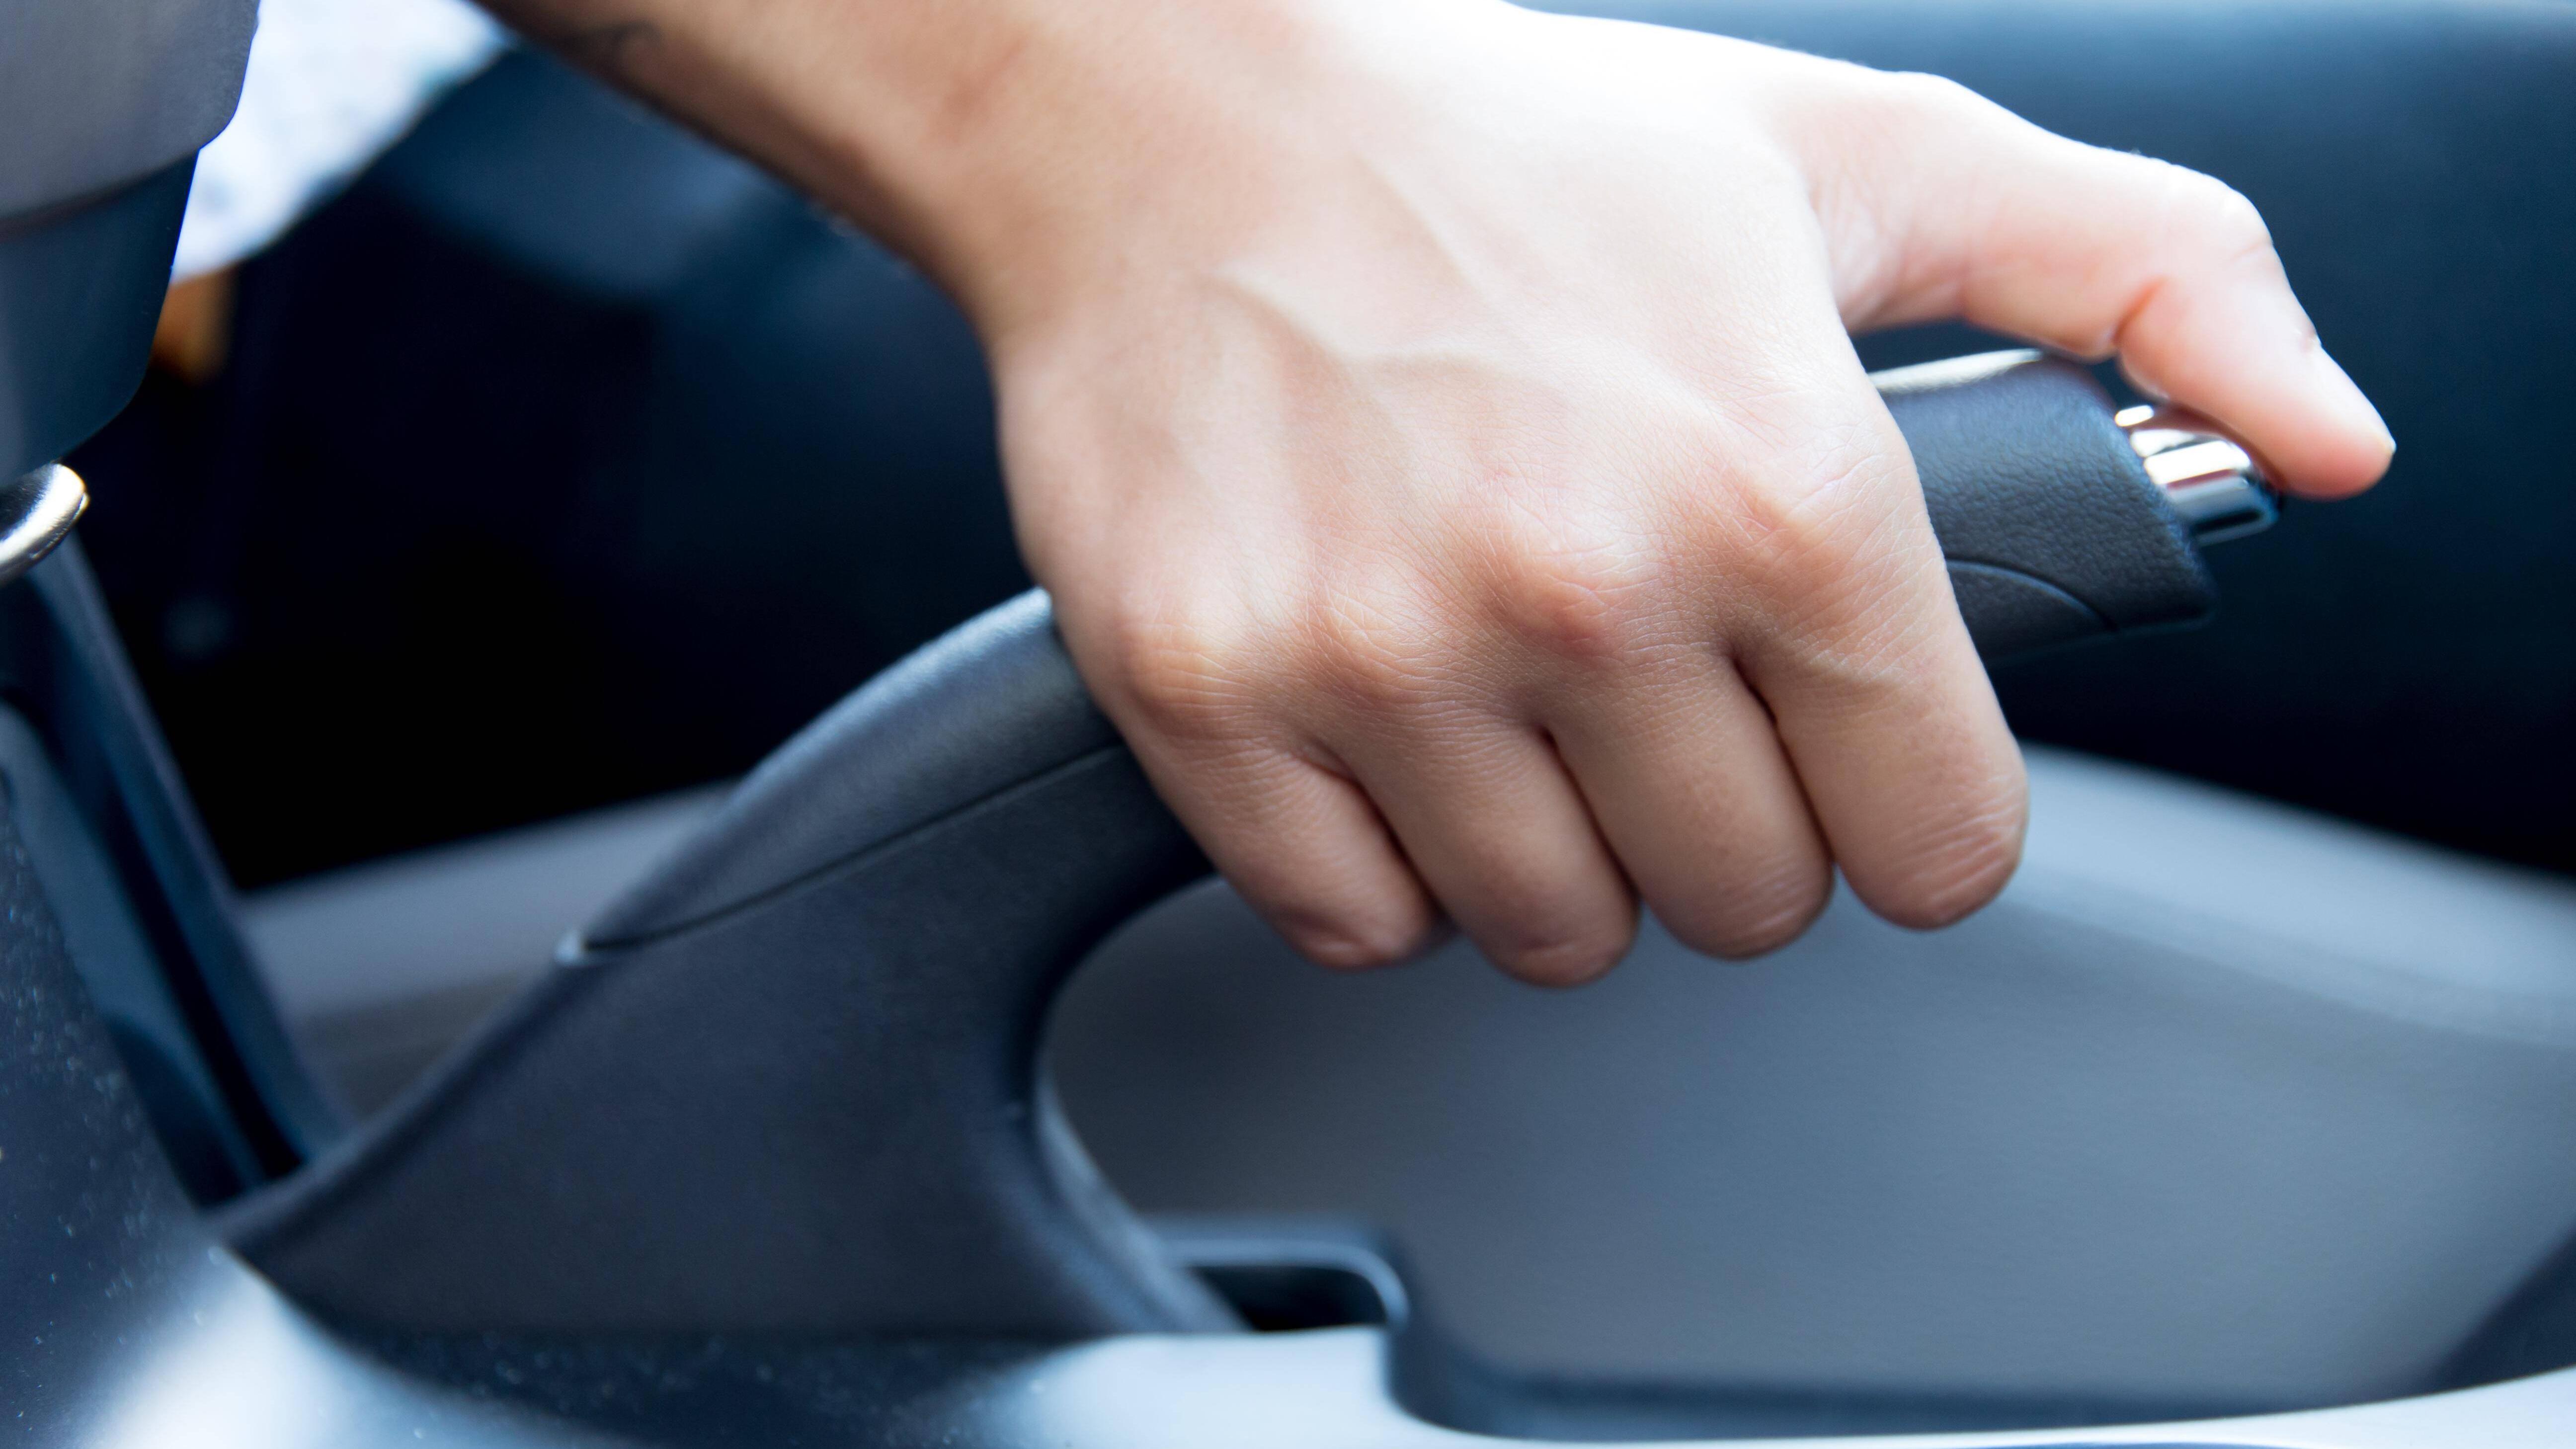 Handbremse eingefroren - lösen Sie sie sehr vorsichtig udn nicht mit Gewalt.